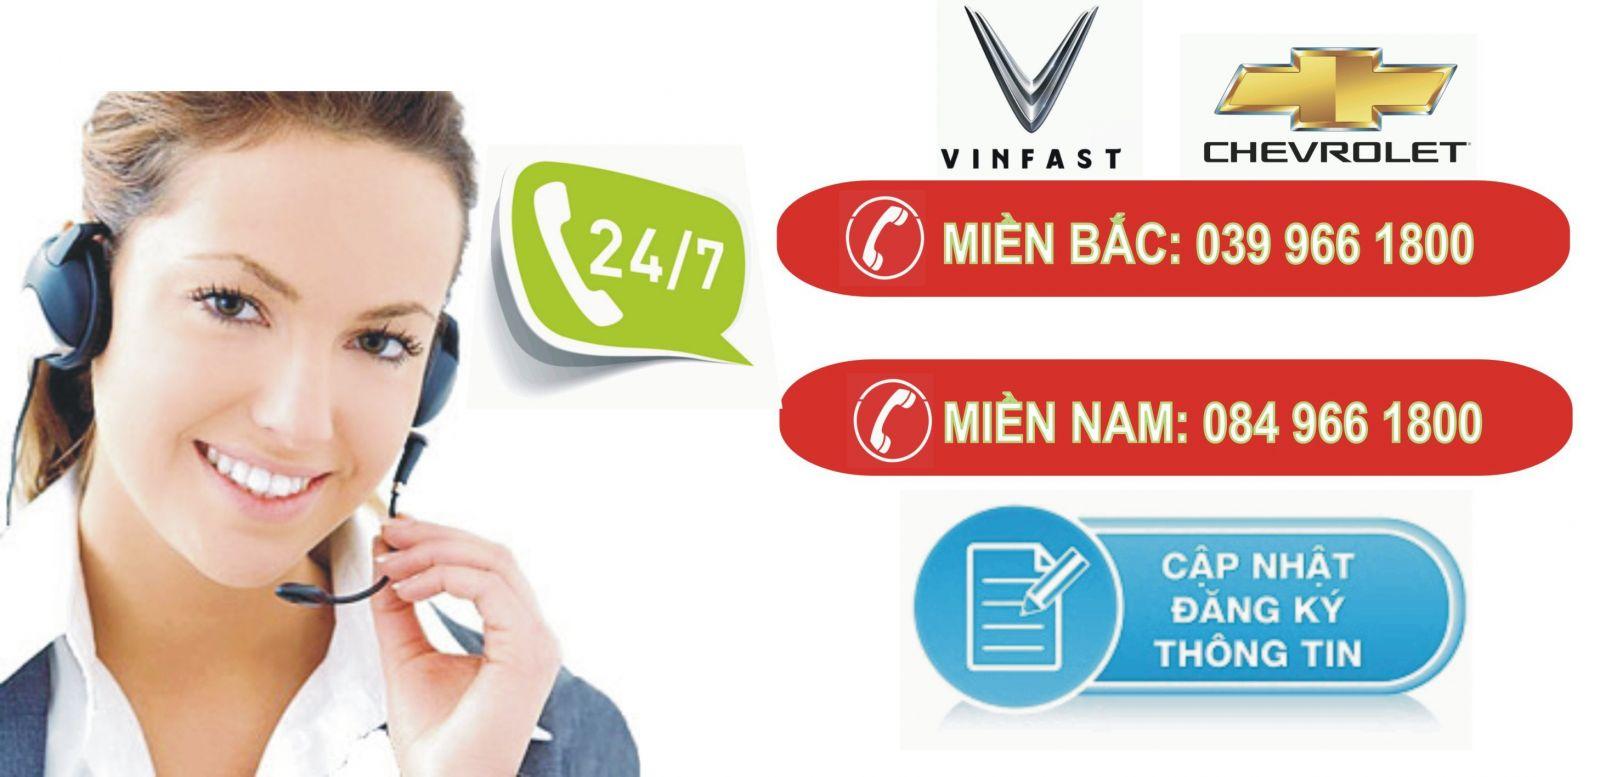 hotline VinFast